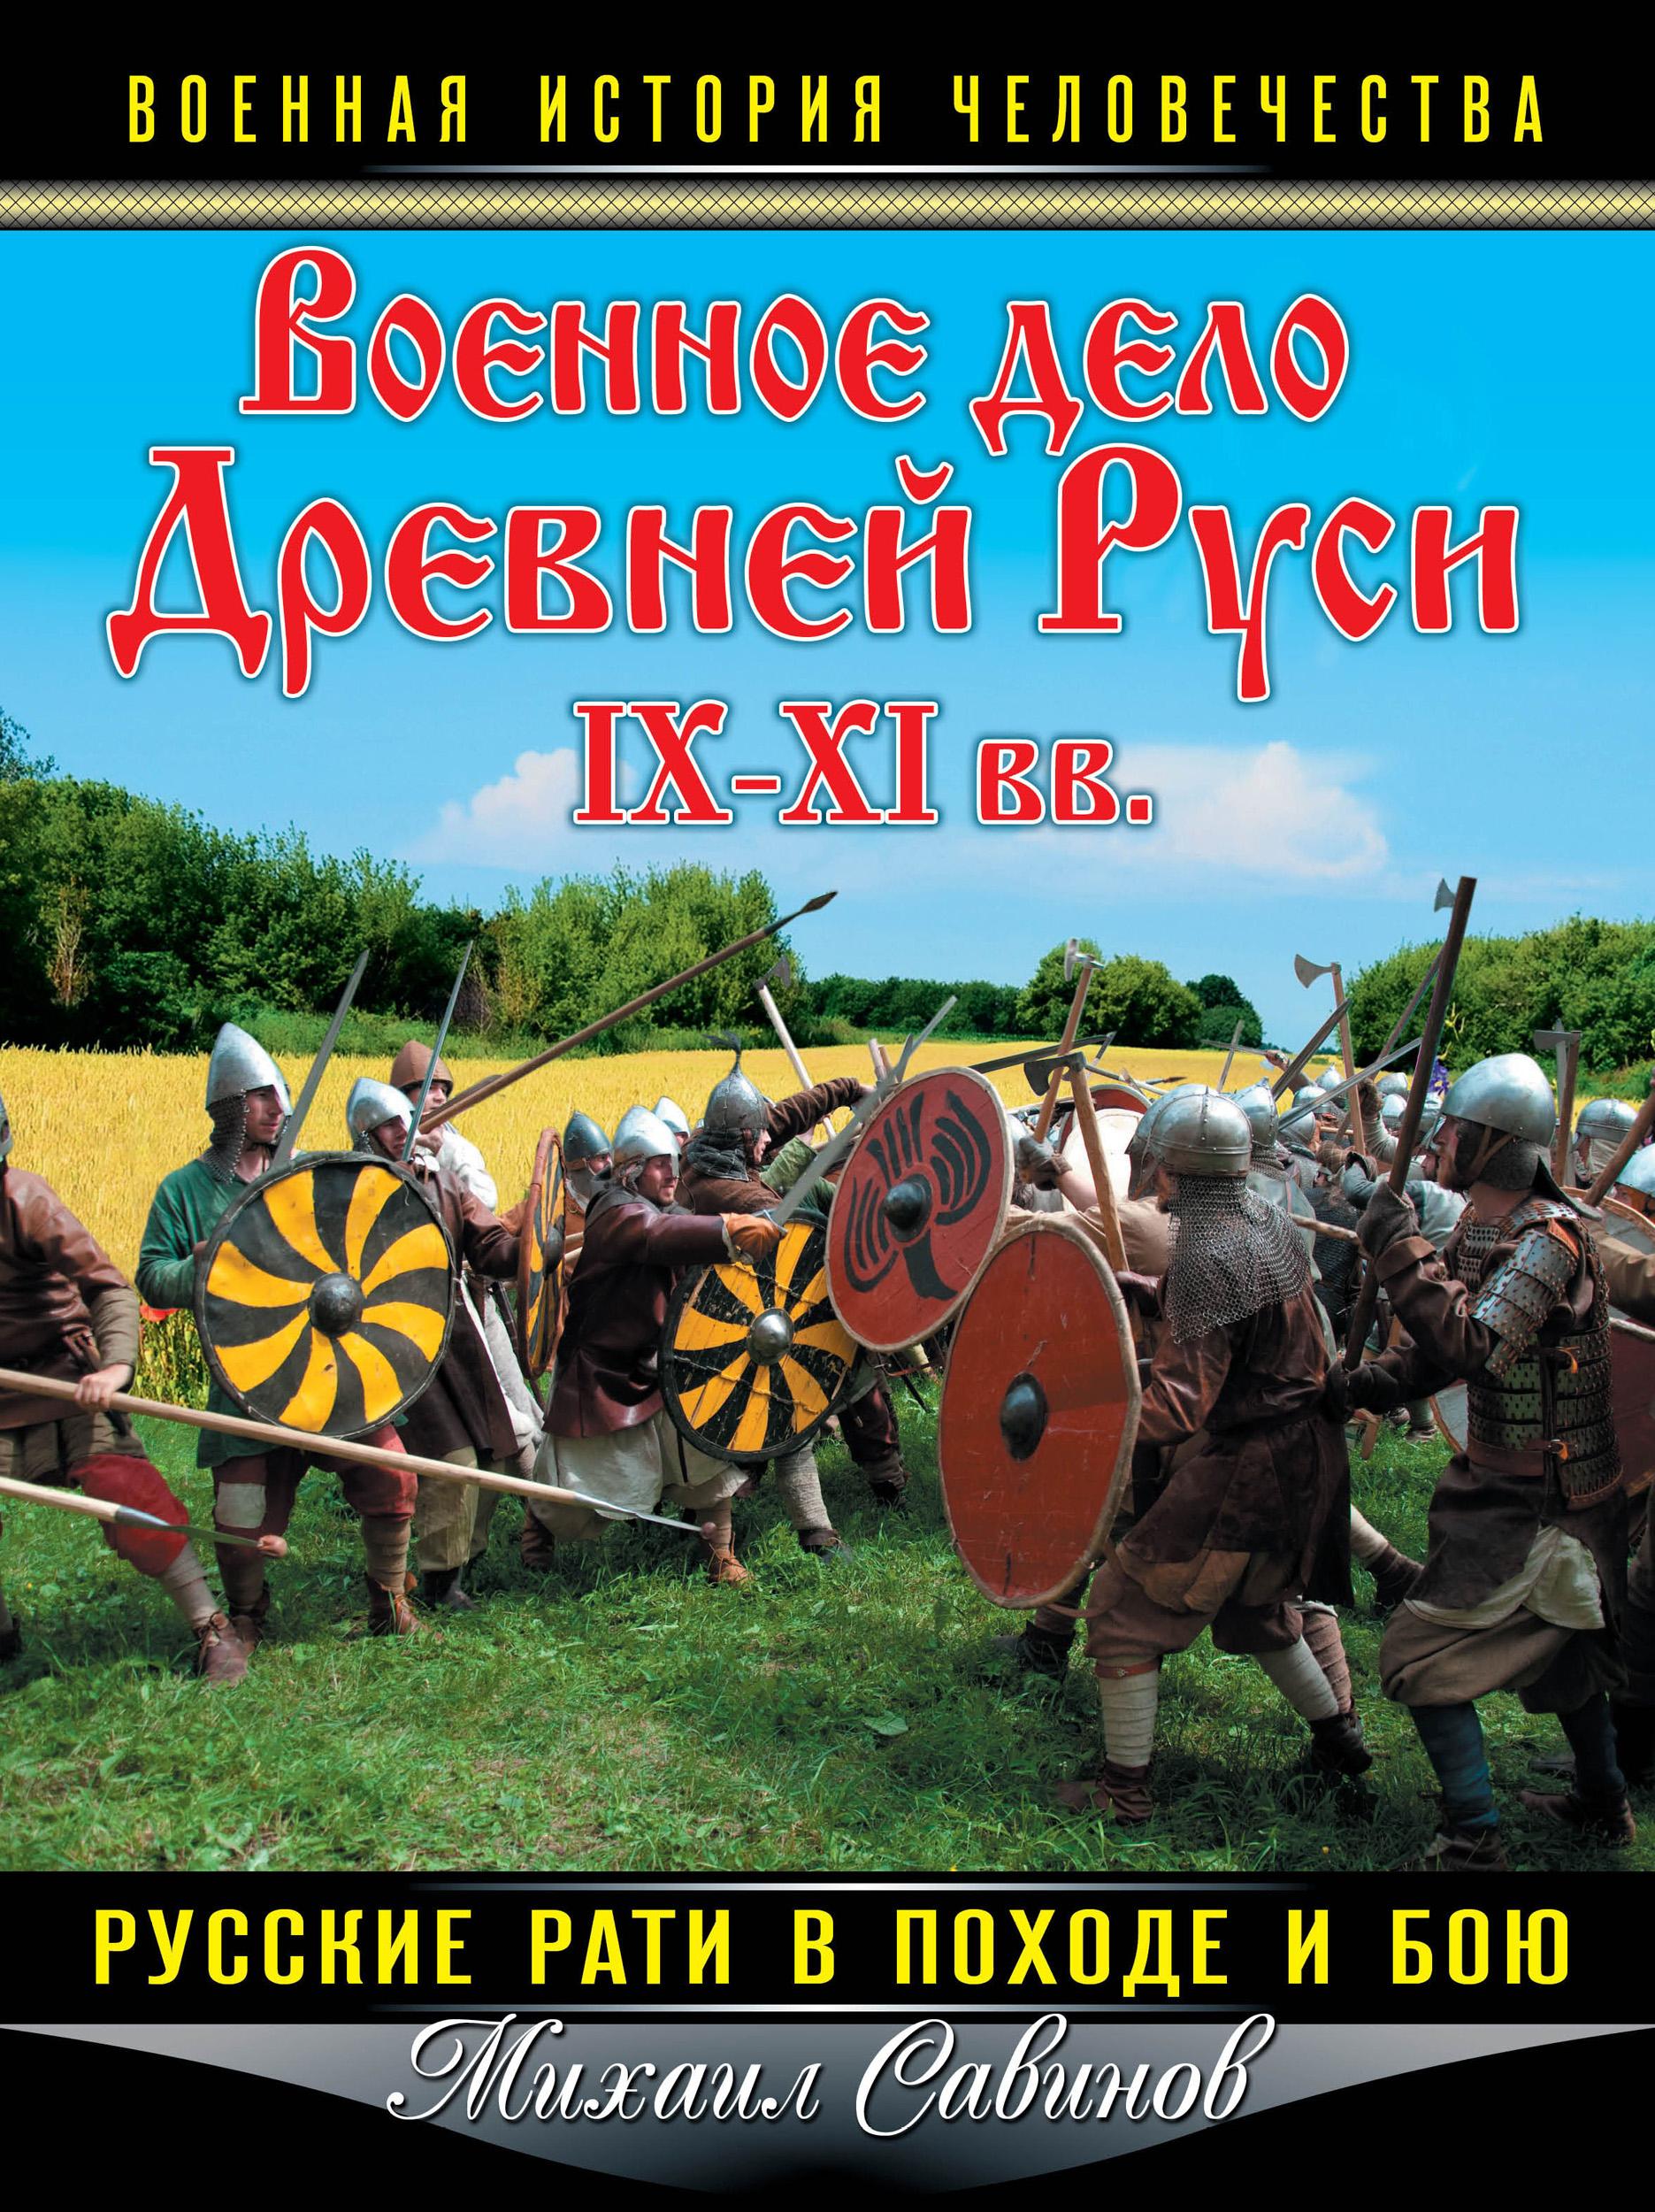 Военное дело Древней Руси IX–XI вв. Русские рати в походе и бою